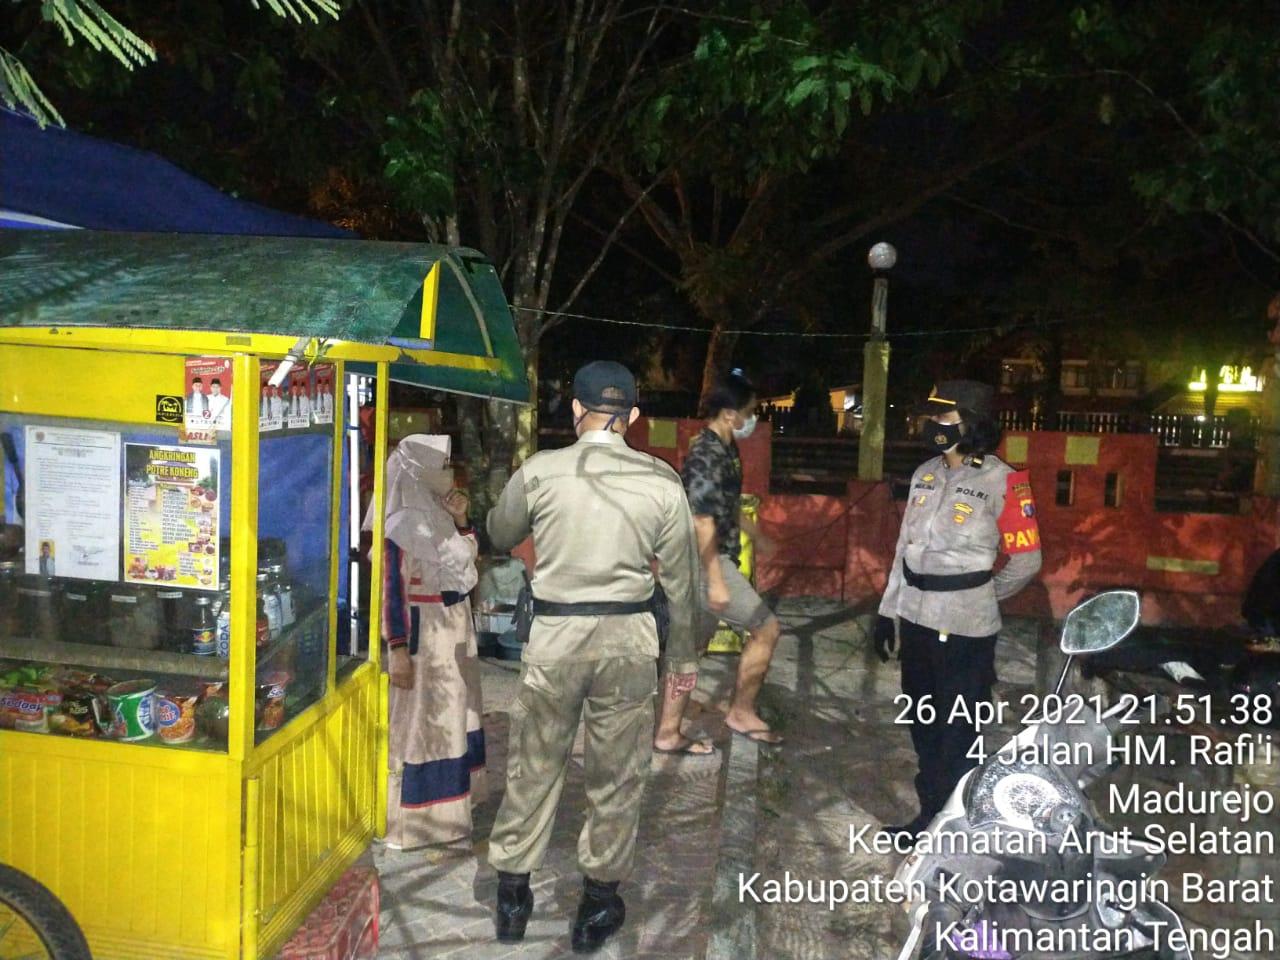 Polres Kobar Laksanakan Ops Yustisi bersama TNI dan Satpol-PP Mendisiplinkan Prokes